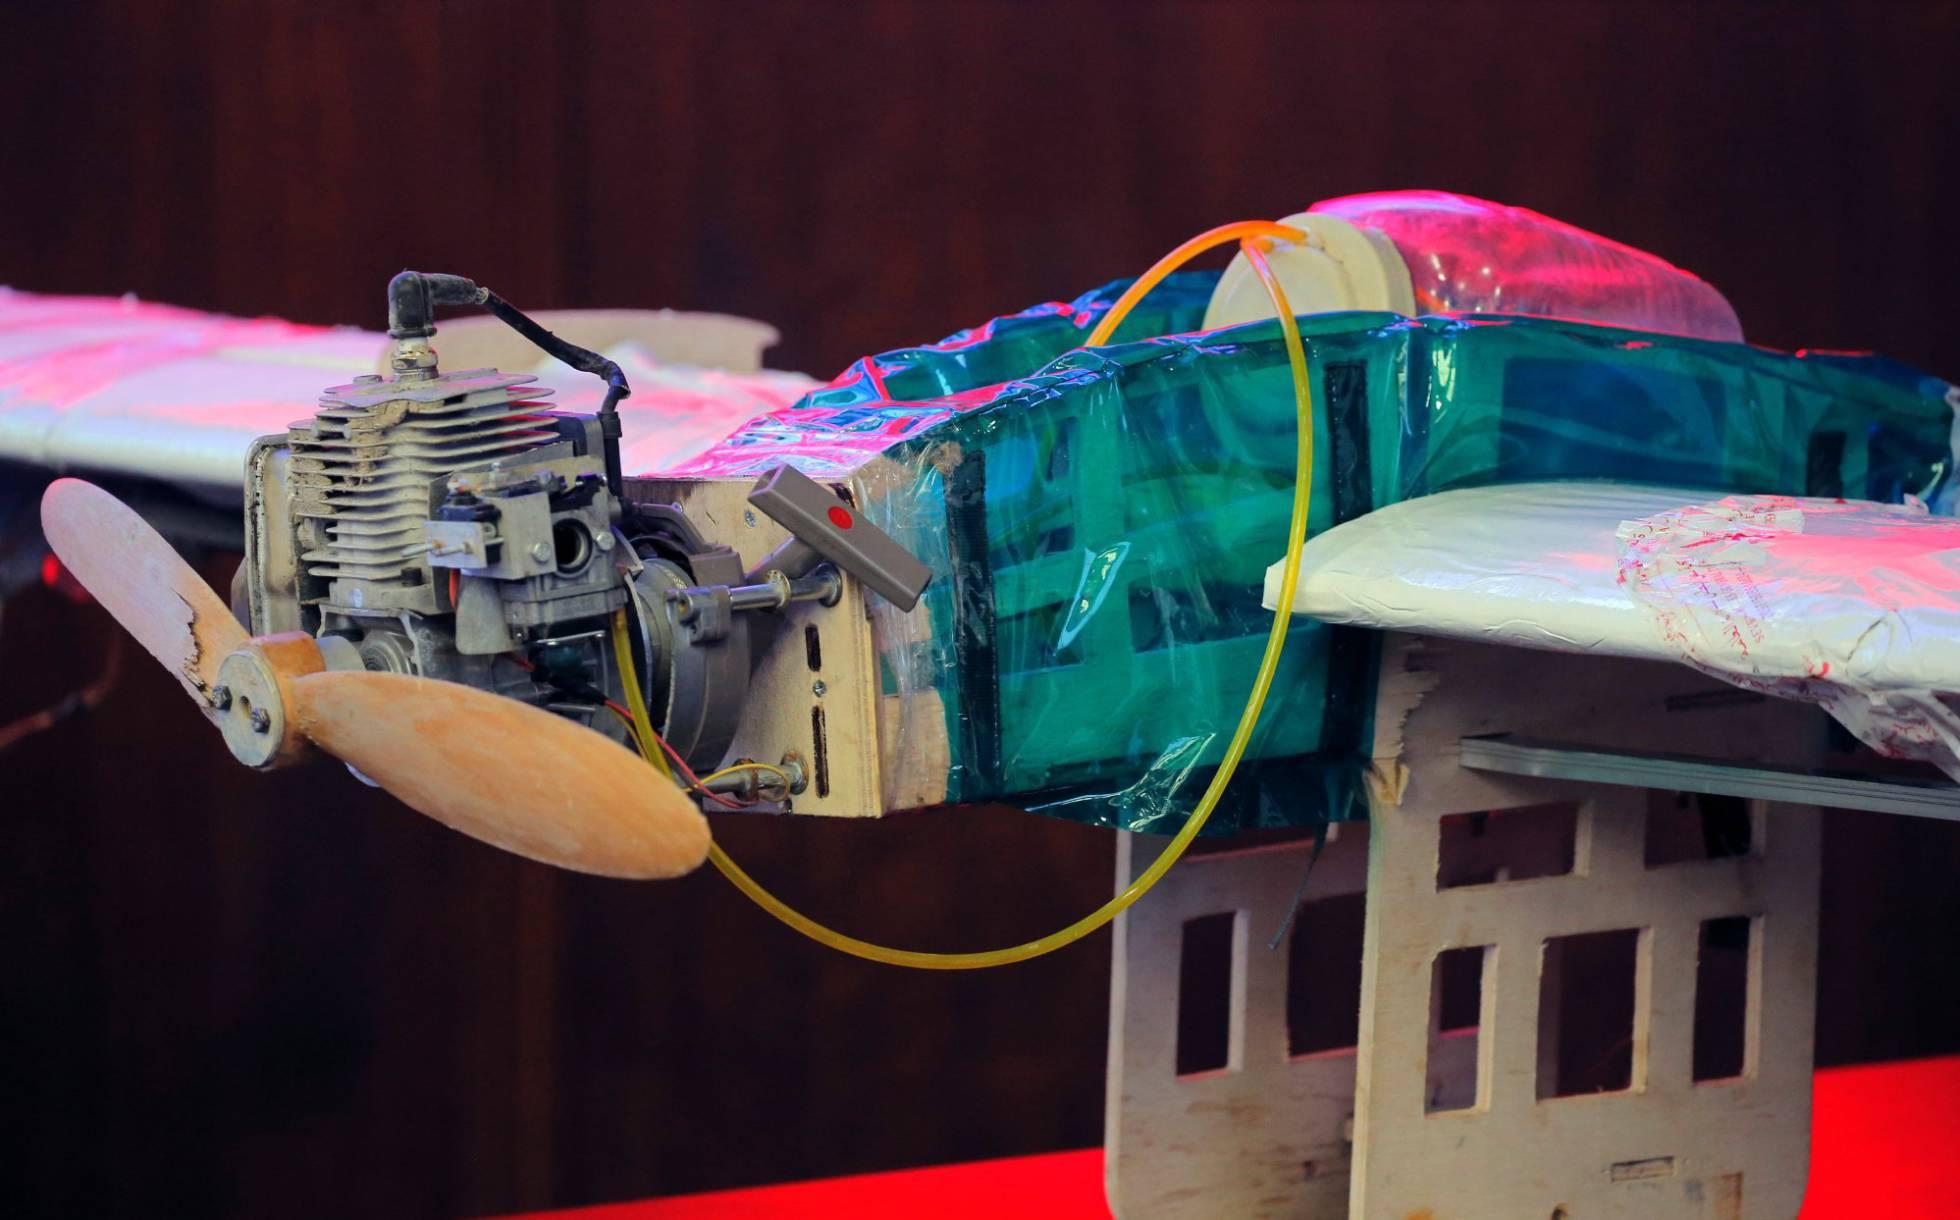 Rusia quiere regular el uso de los drones tras varios ataques a sus bases en Siria